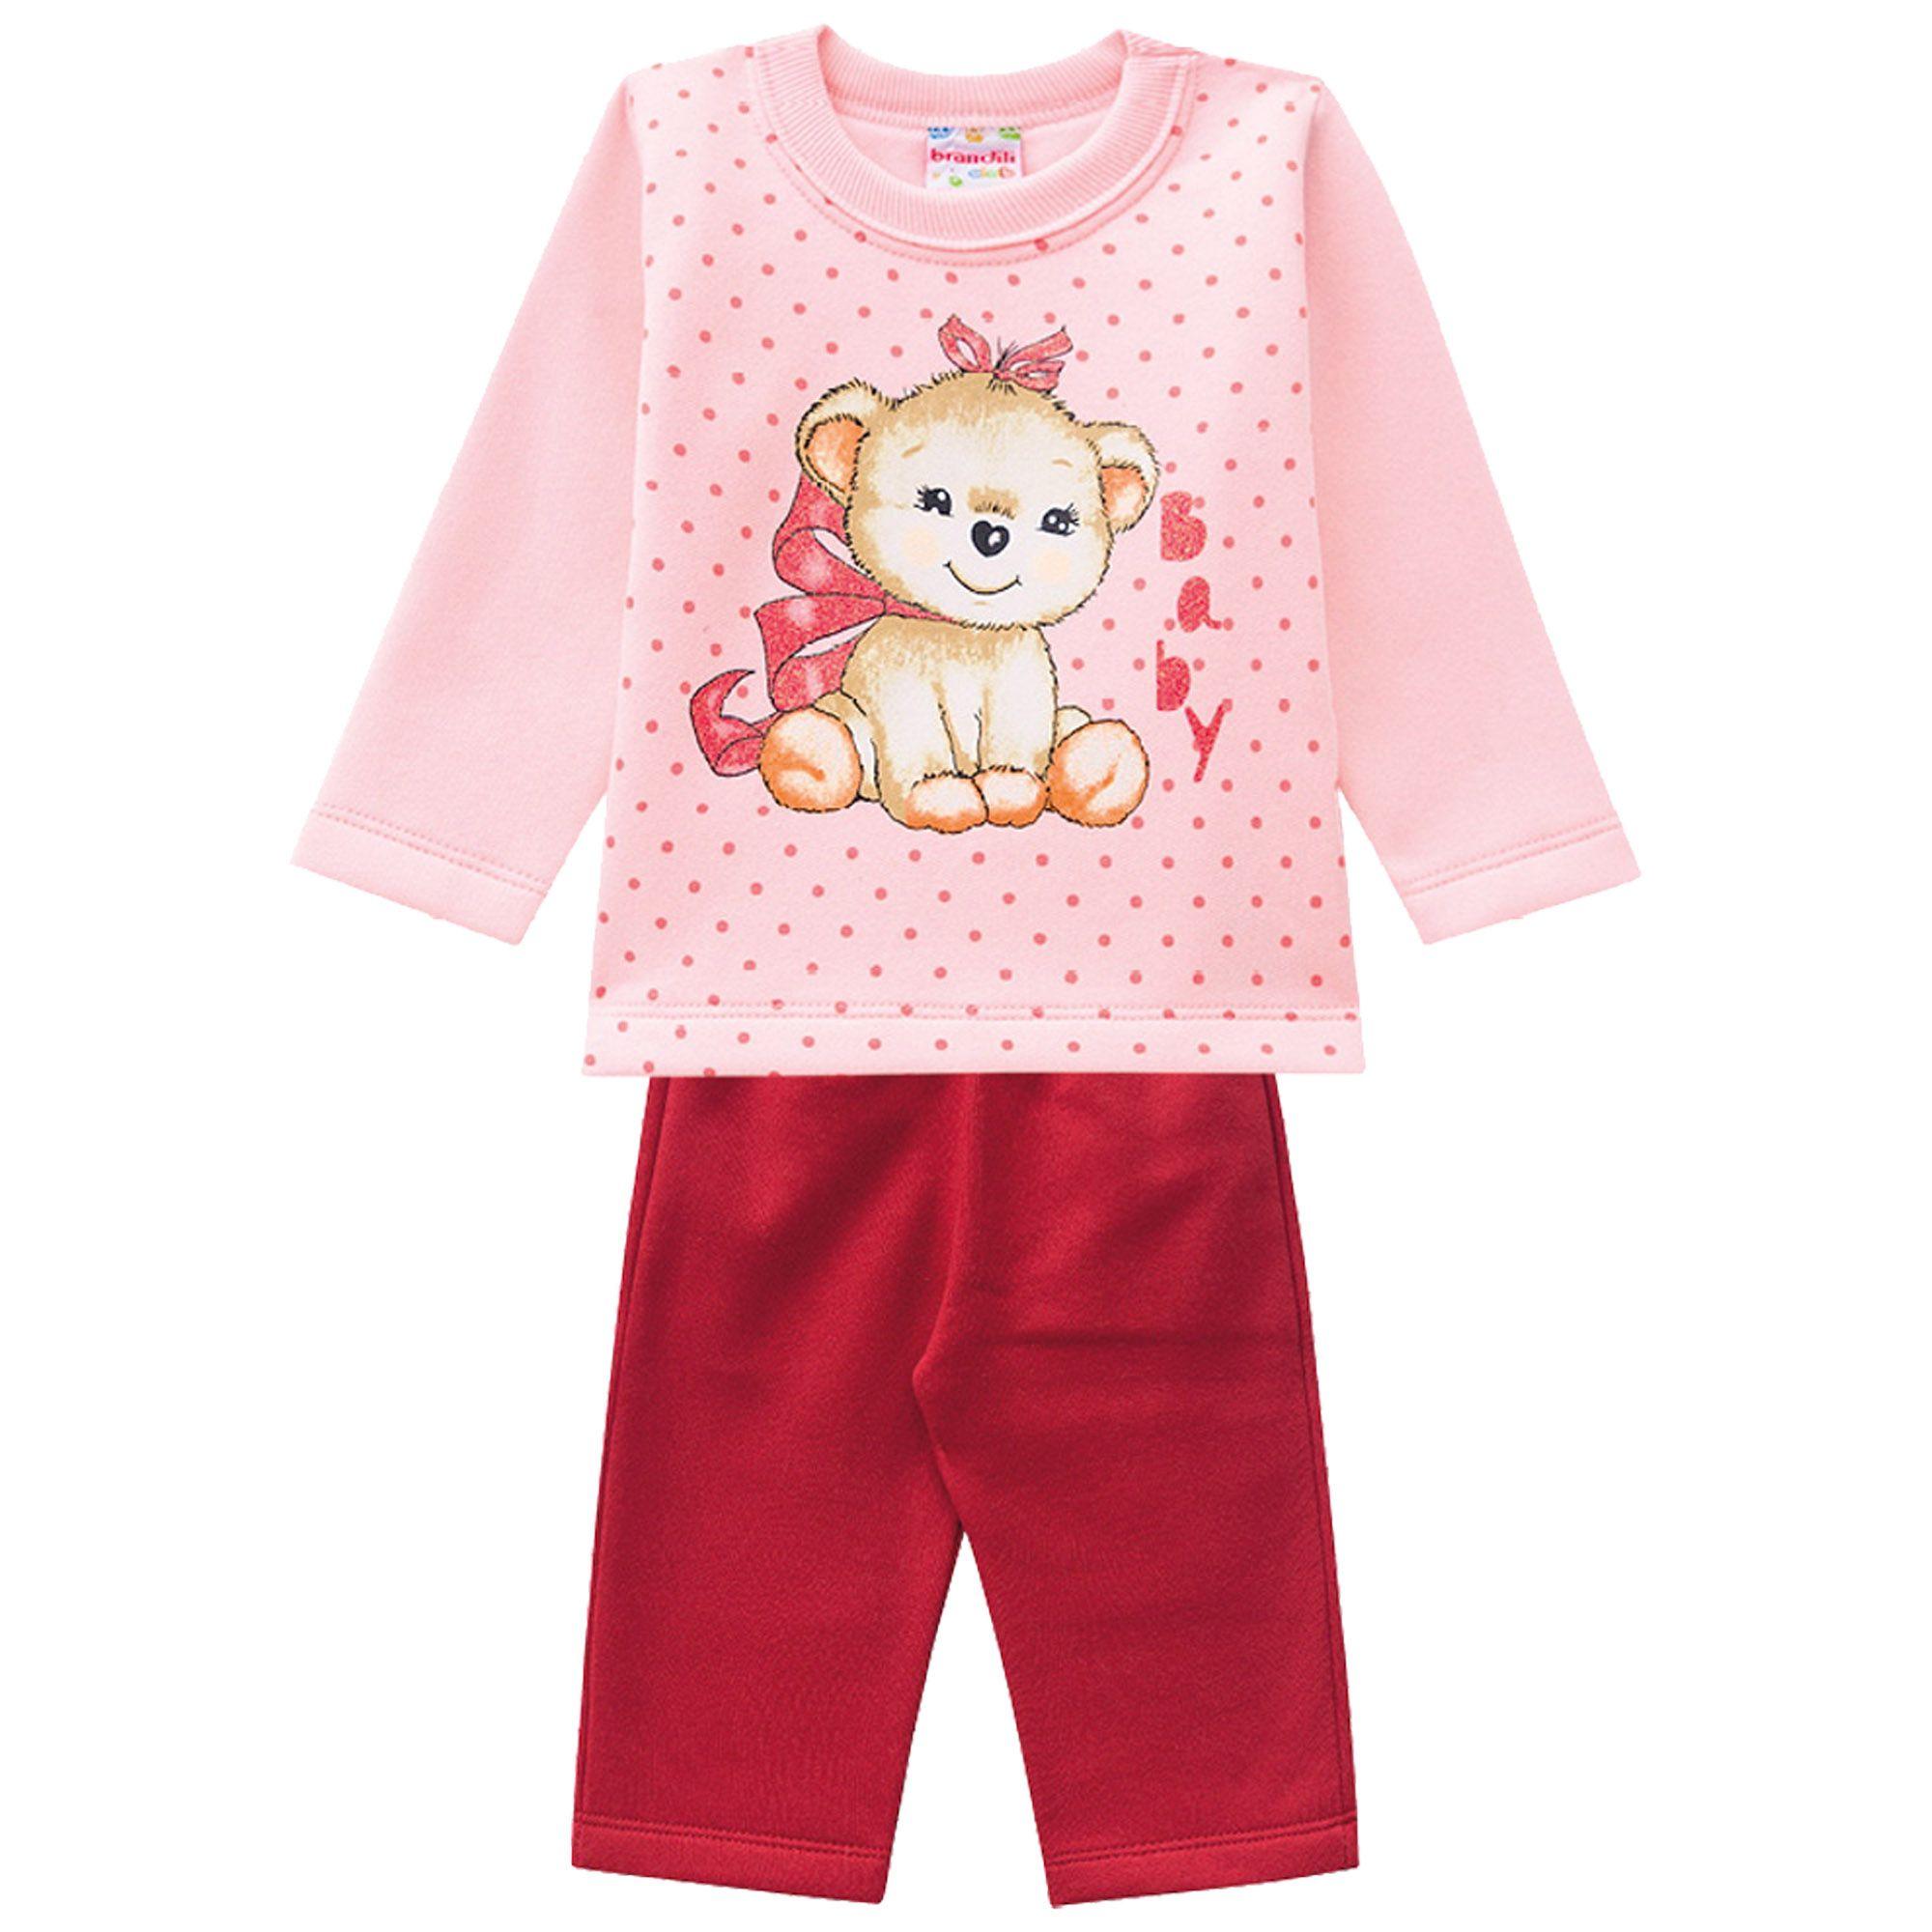 Conjunto Inverno Brandili Estampado Baby Ursinho Poá com Calça lisa em moletom - P ao G